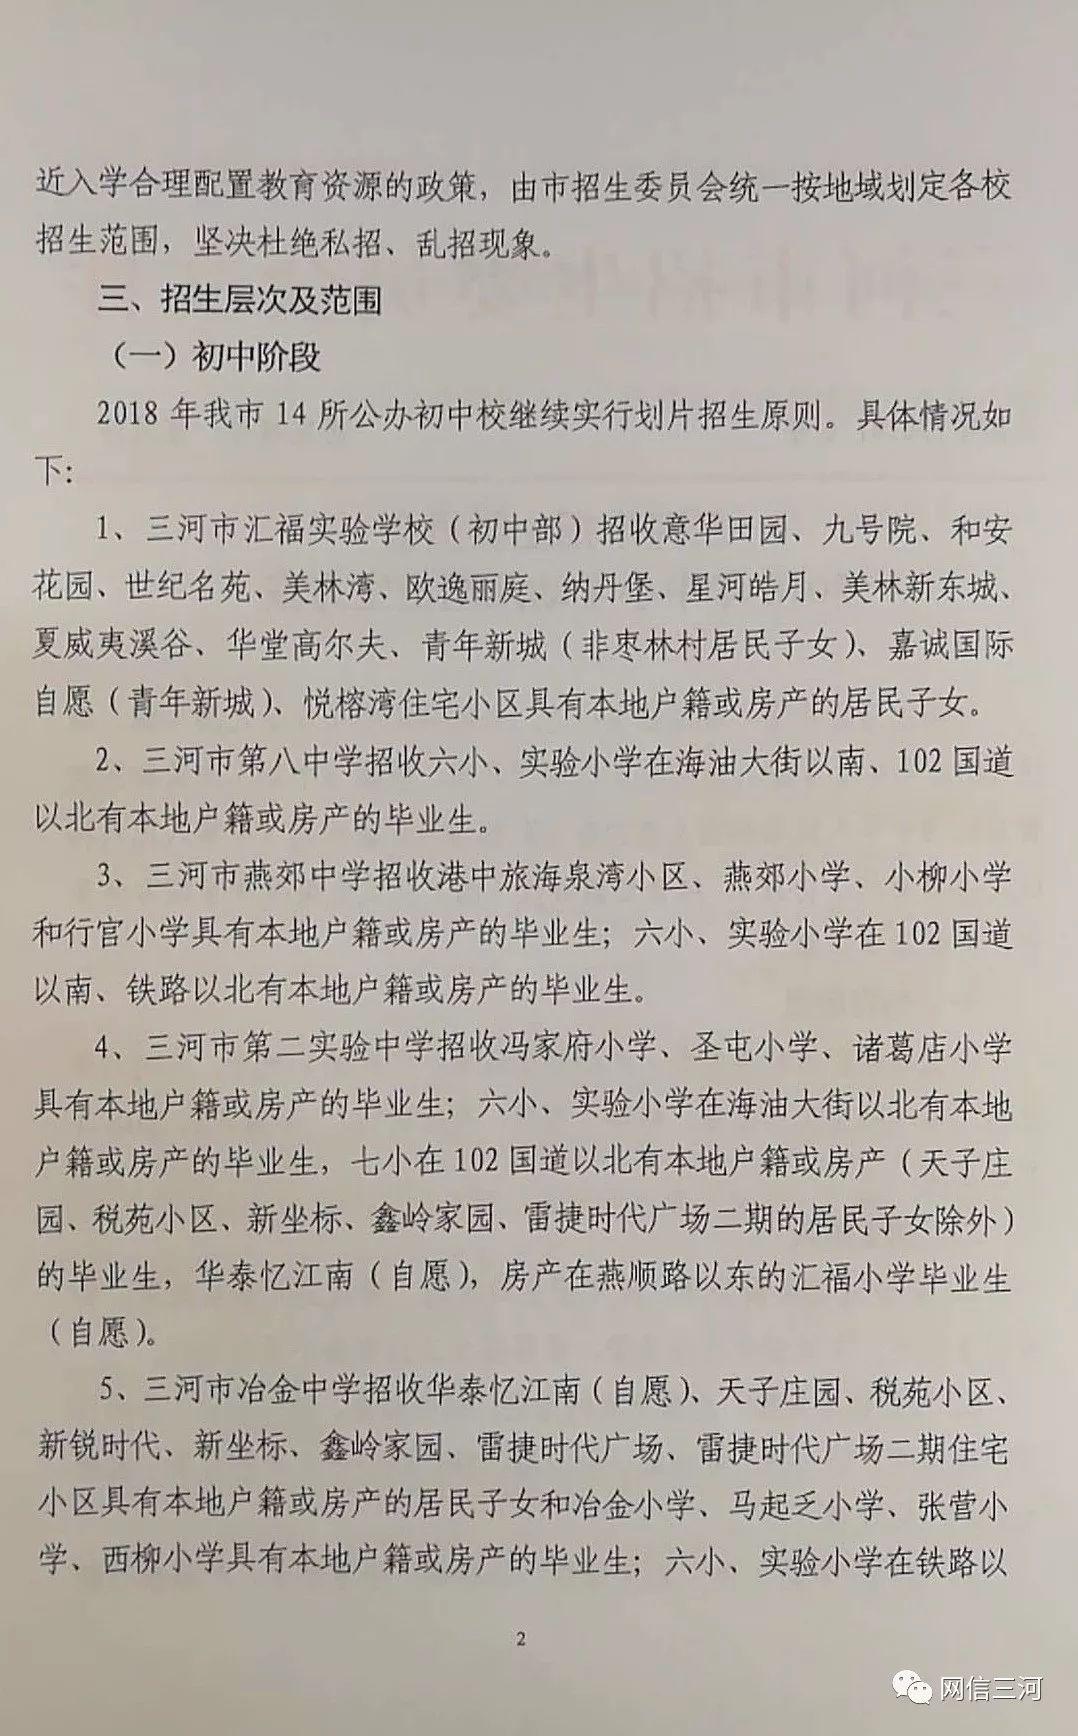 重要!三河、燕郊小学、方案实验小学官方发布招生繁峙县初中图片